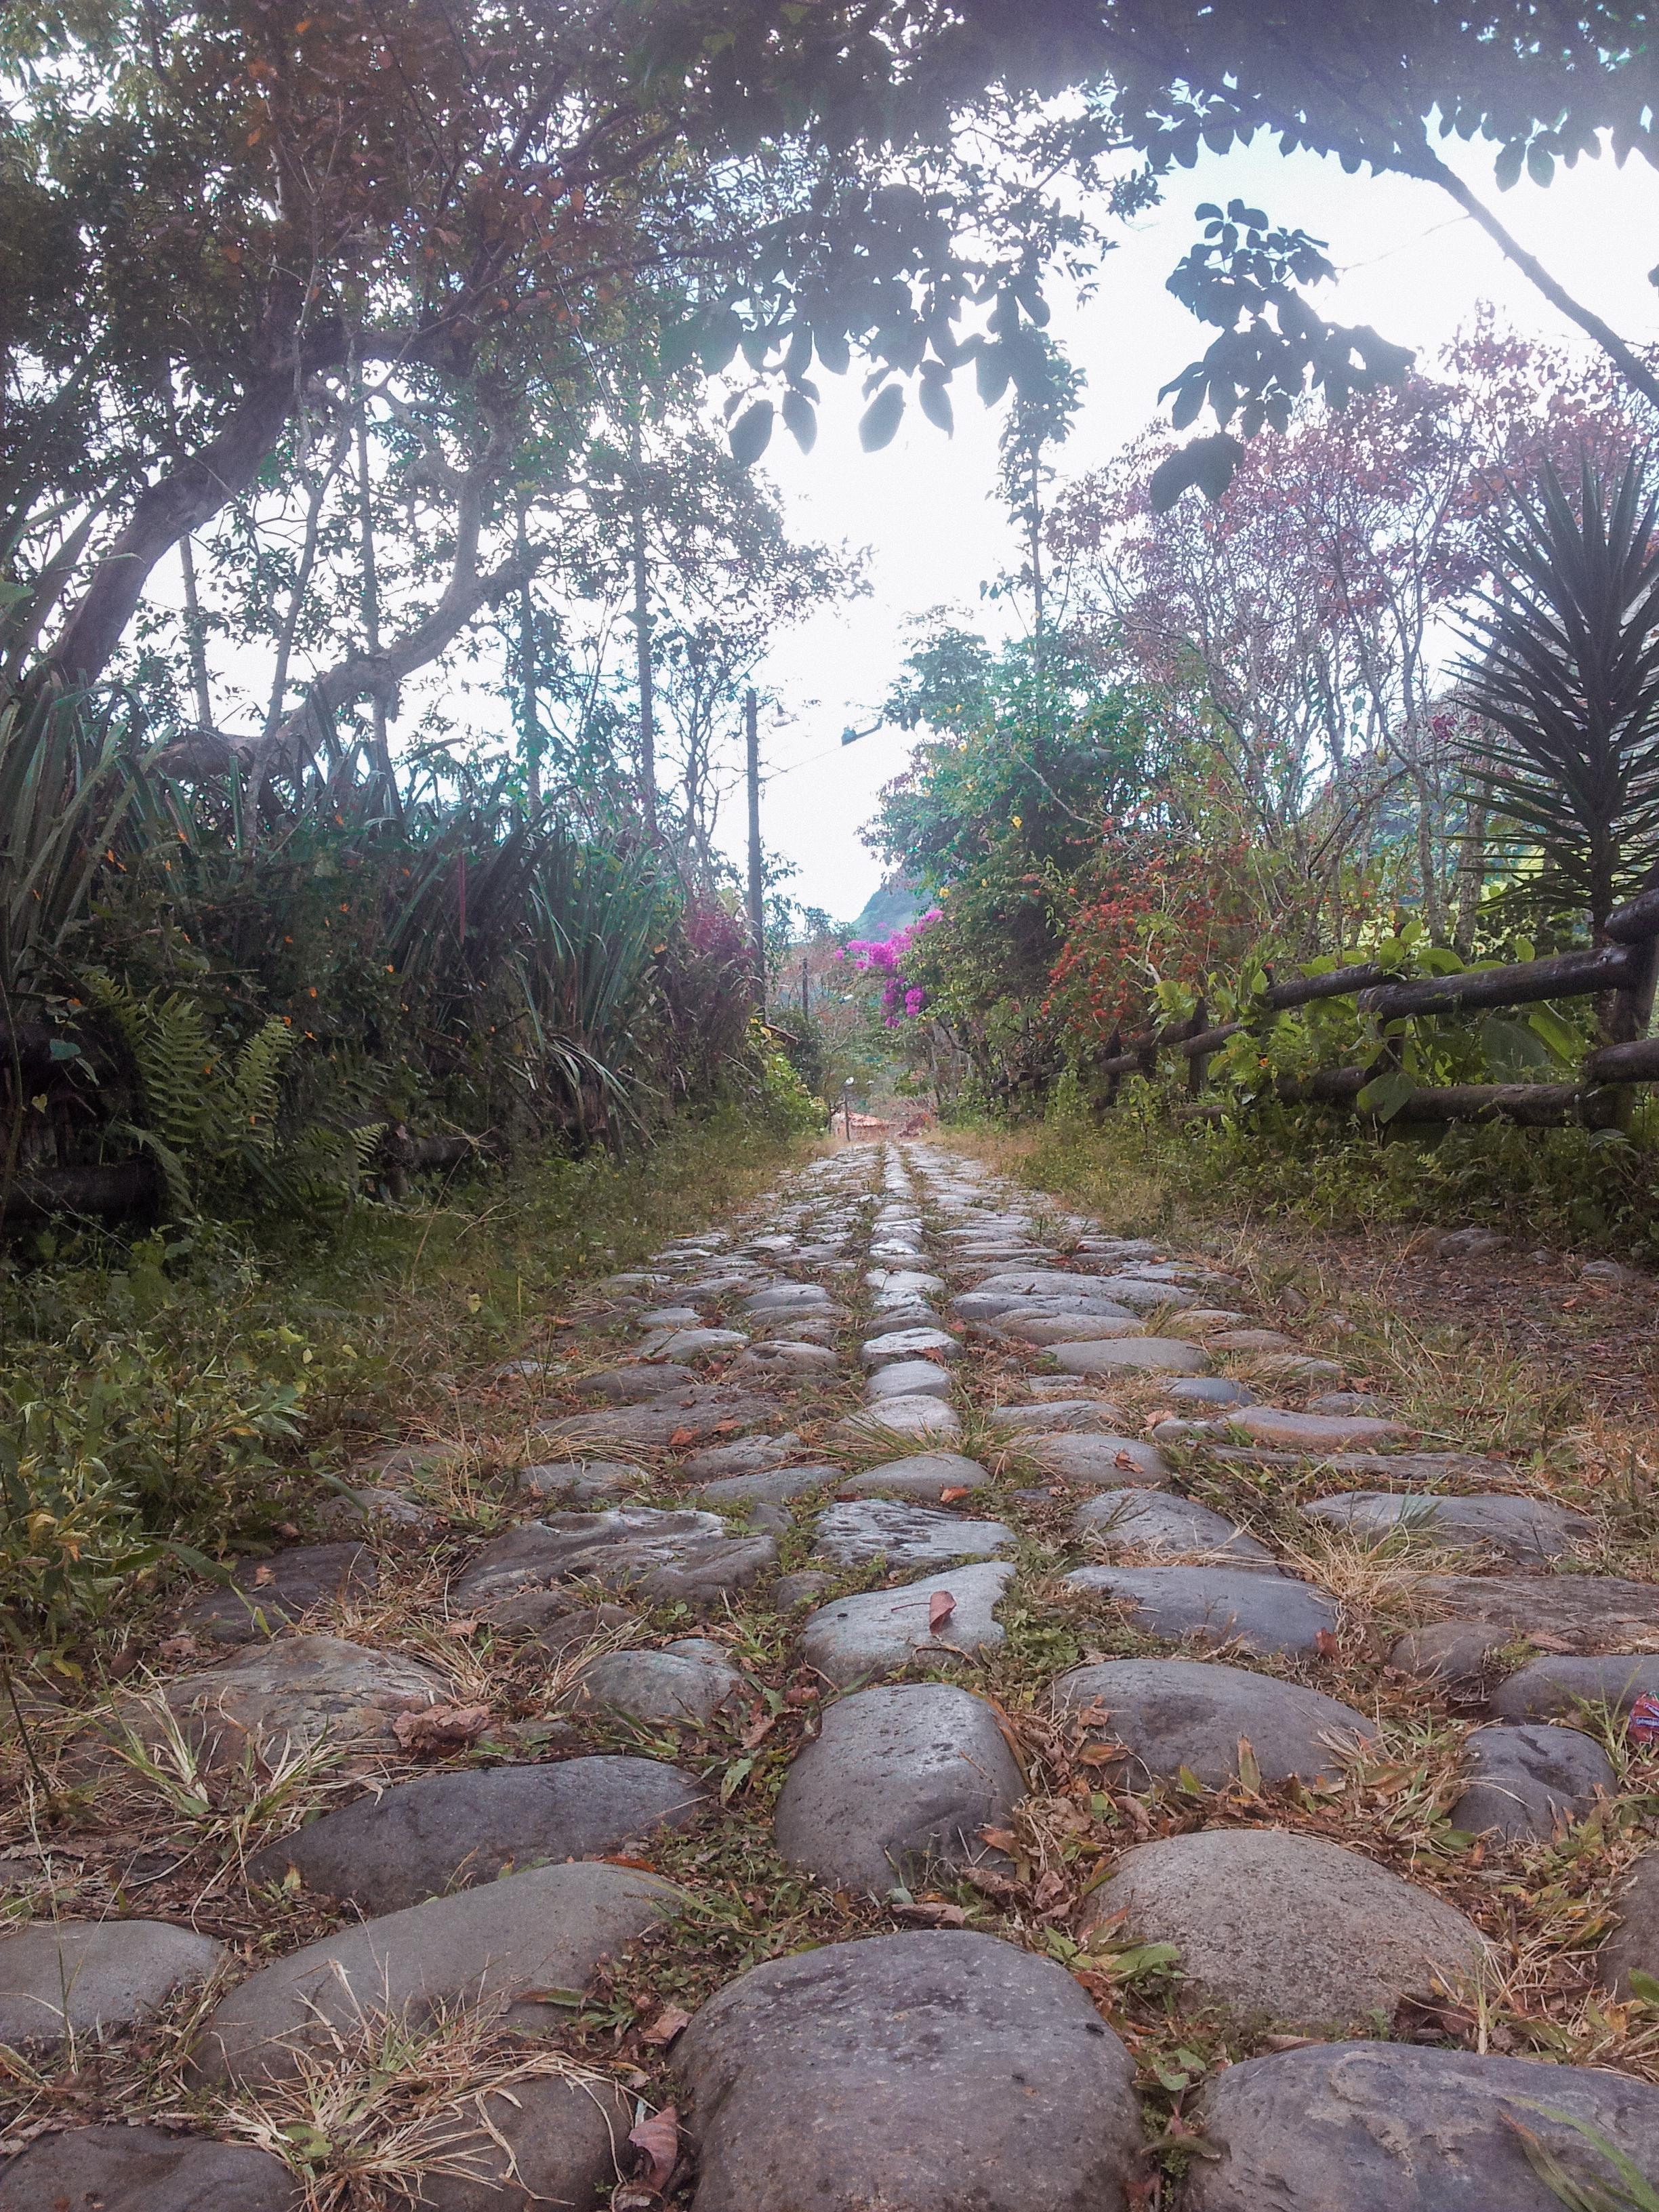 jardin antioquia, visitar jardin antioquia, hoteles en jardin antioquia